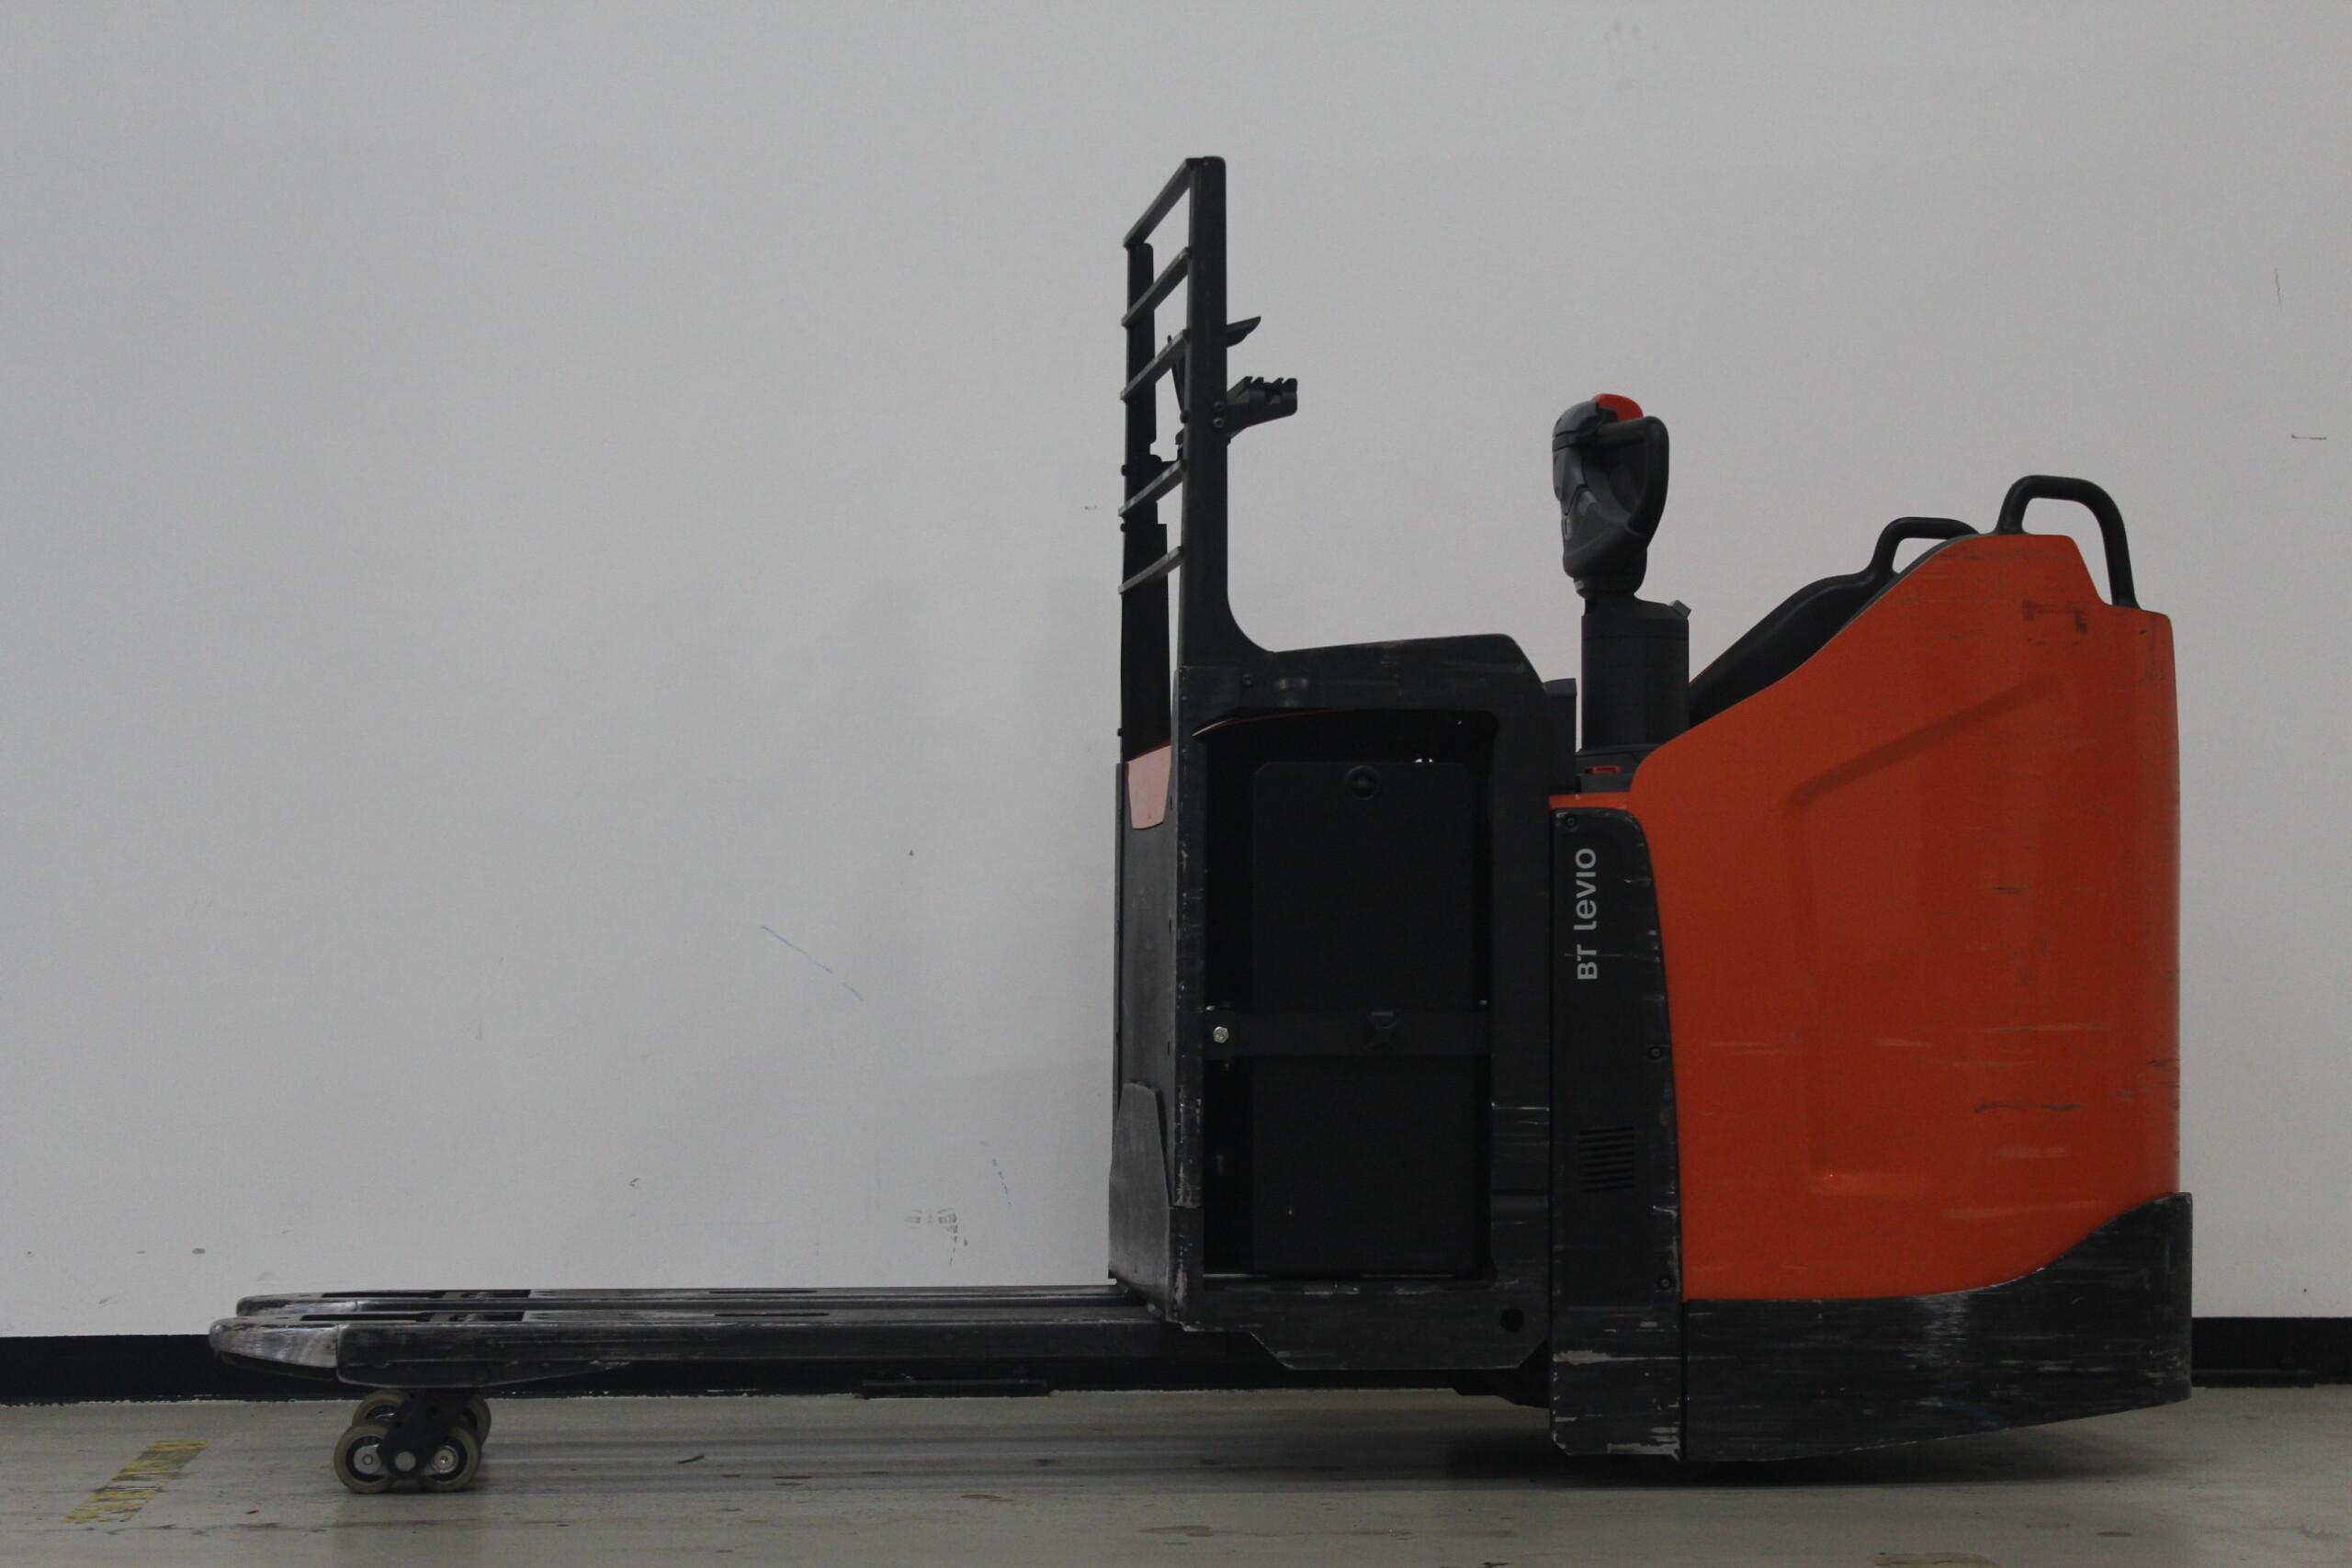 Toyota-Gabelstapler-59840 1805026638 1 52 scaled